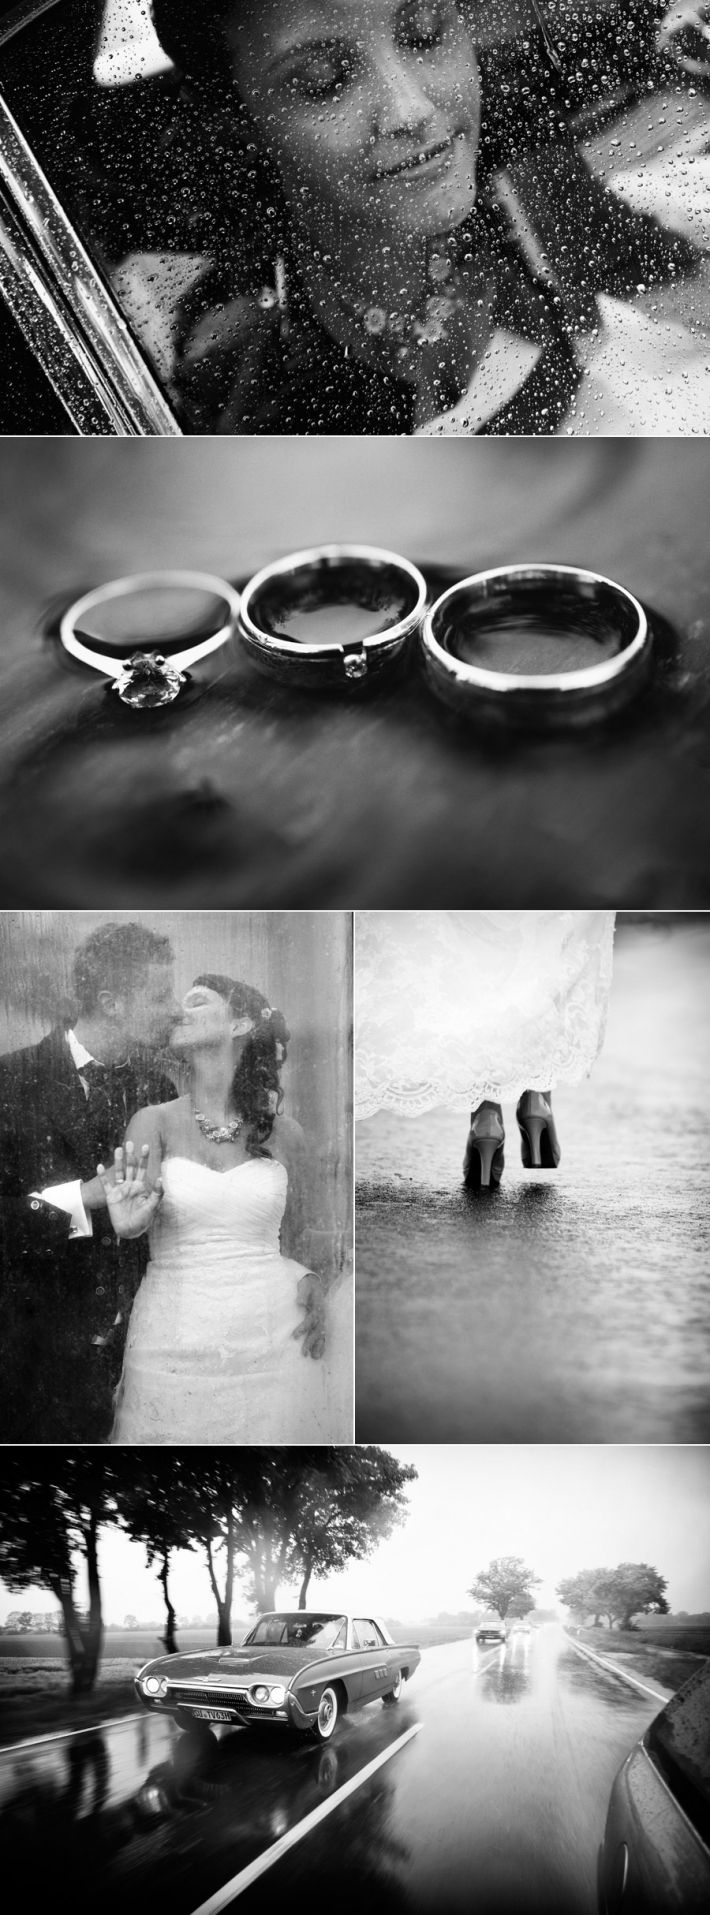 Hochzeit mit Regen I …bringt Segen » Fotografie Doreen Kühr